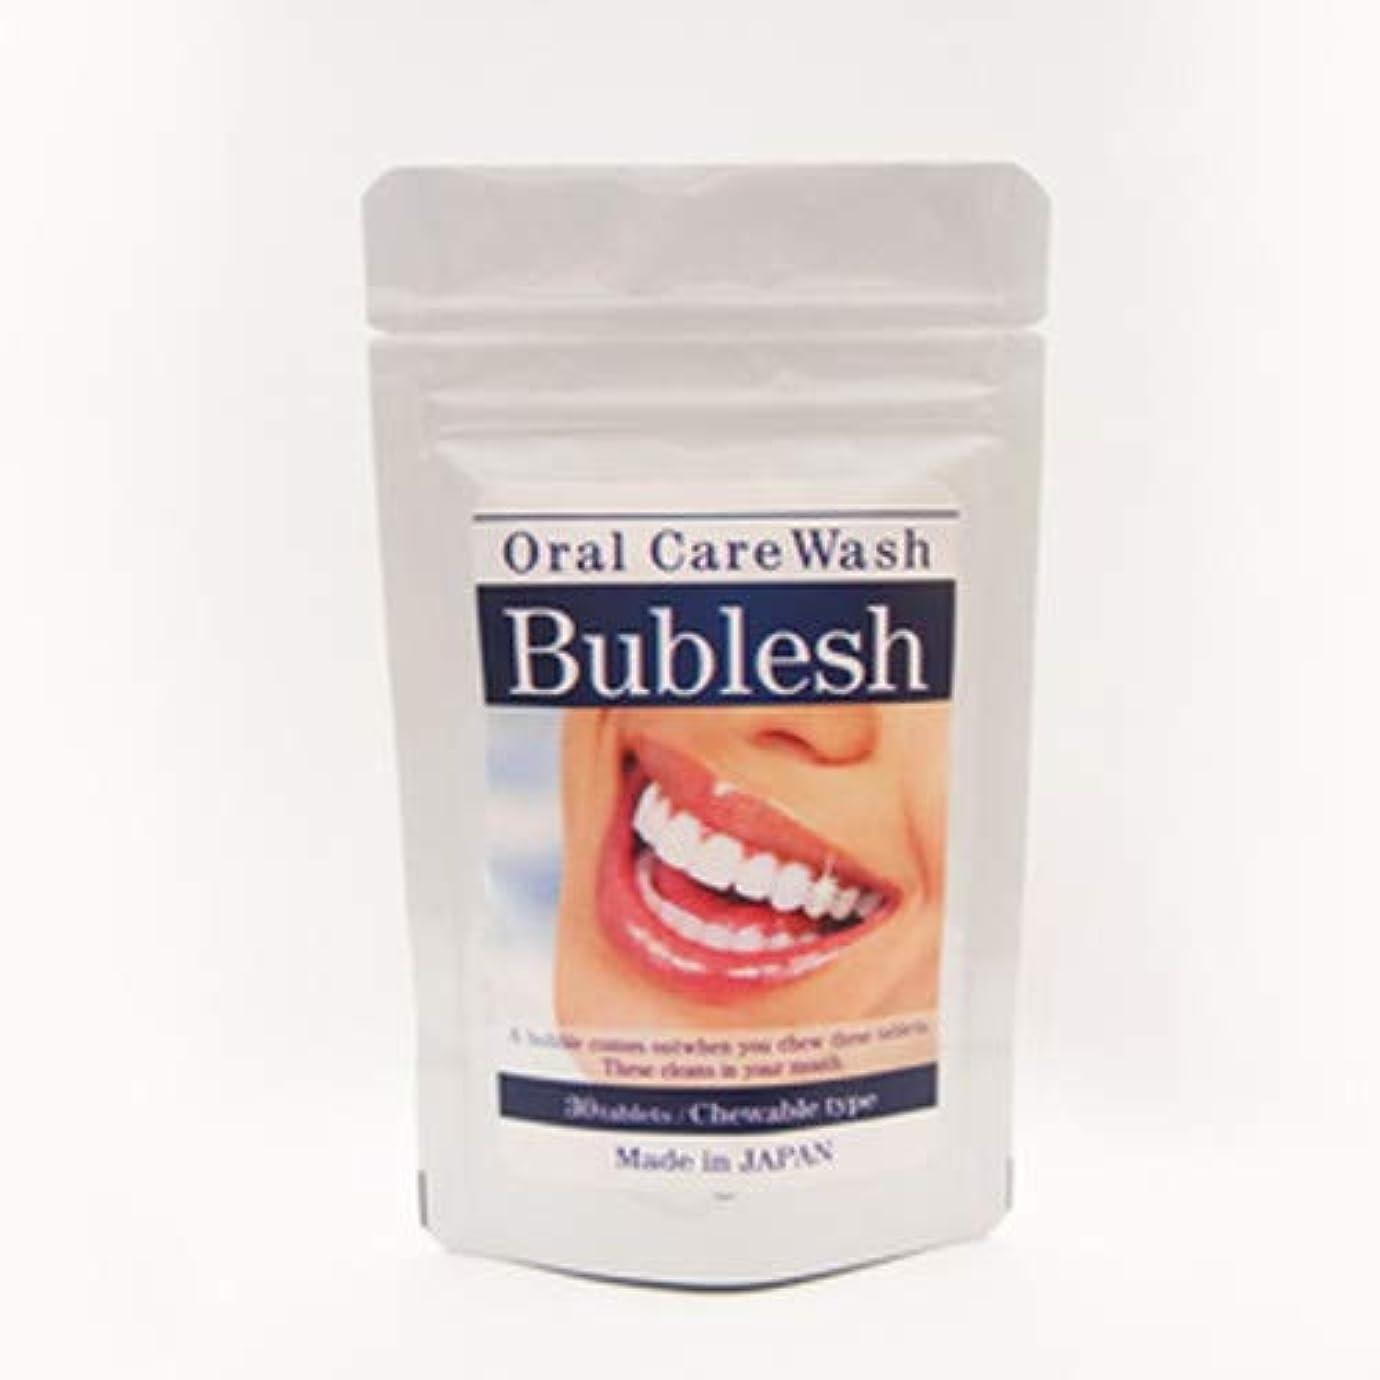 無限大独裁者喜ぶ【オーラルケアウォッシュバブレッシュ】 30 粒 炭酸 タブレット 歯磨き